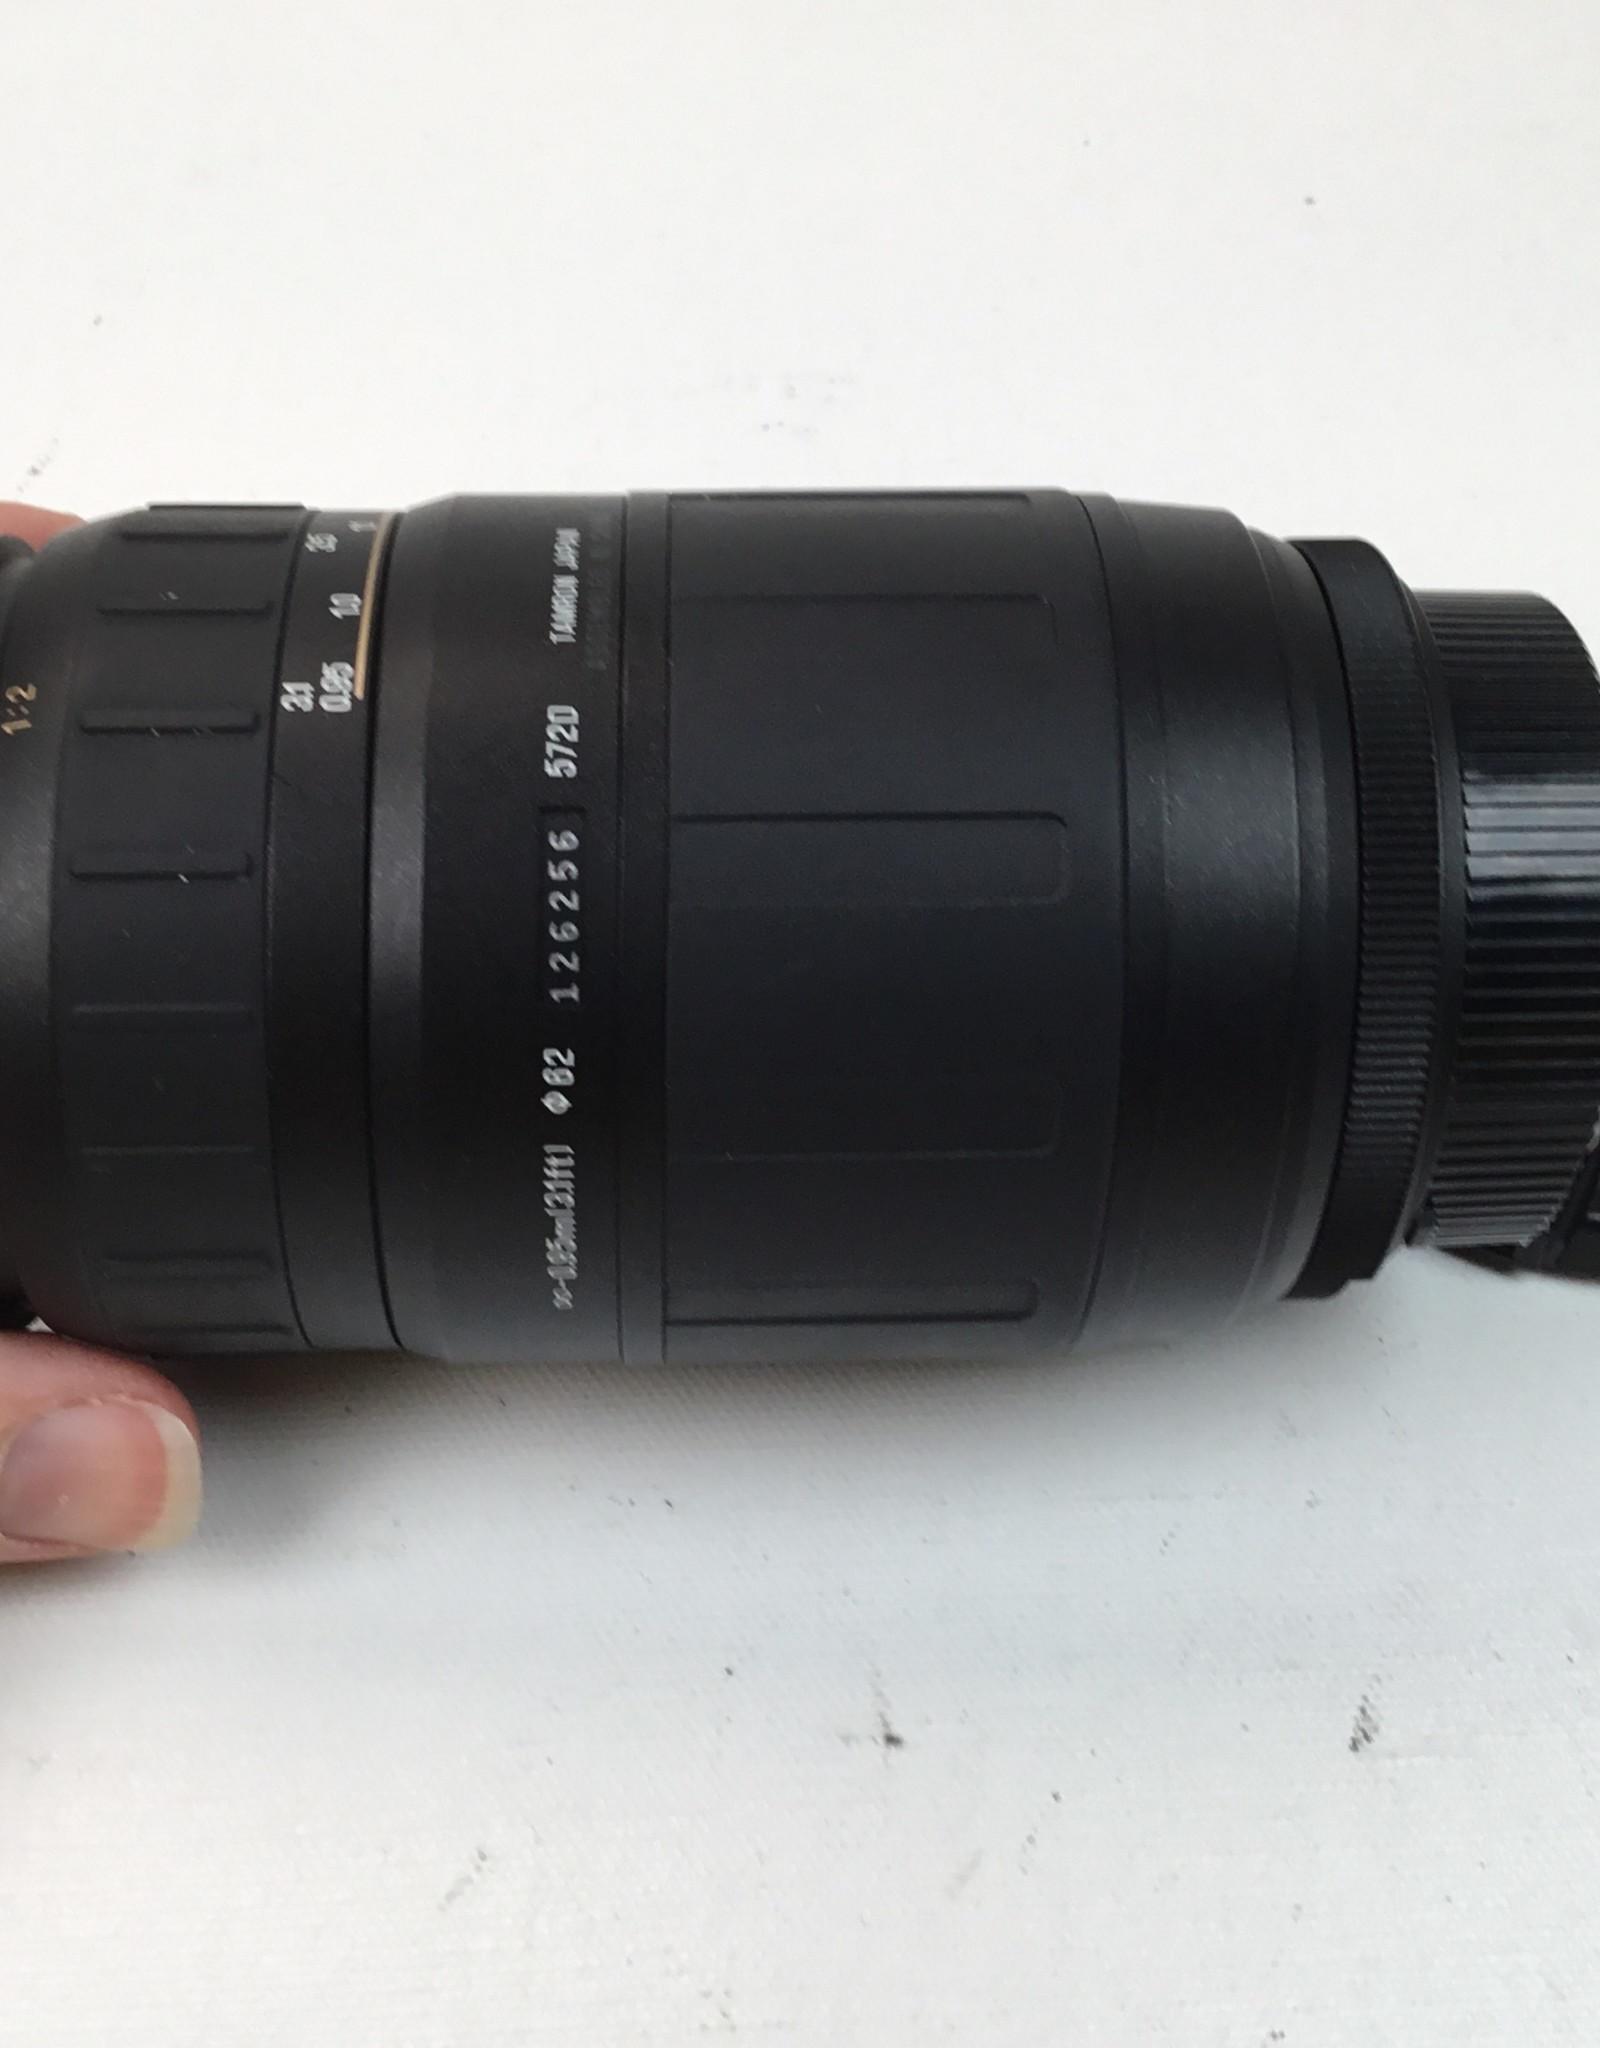 TAMRON Tamron AF 70-300mm f4-5.6 LD Lens For Nikon Used EX